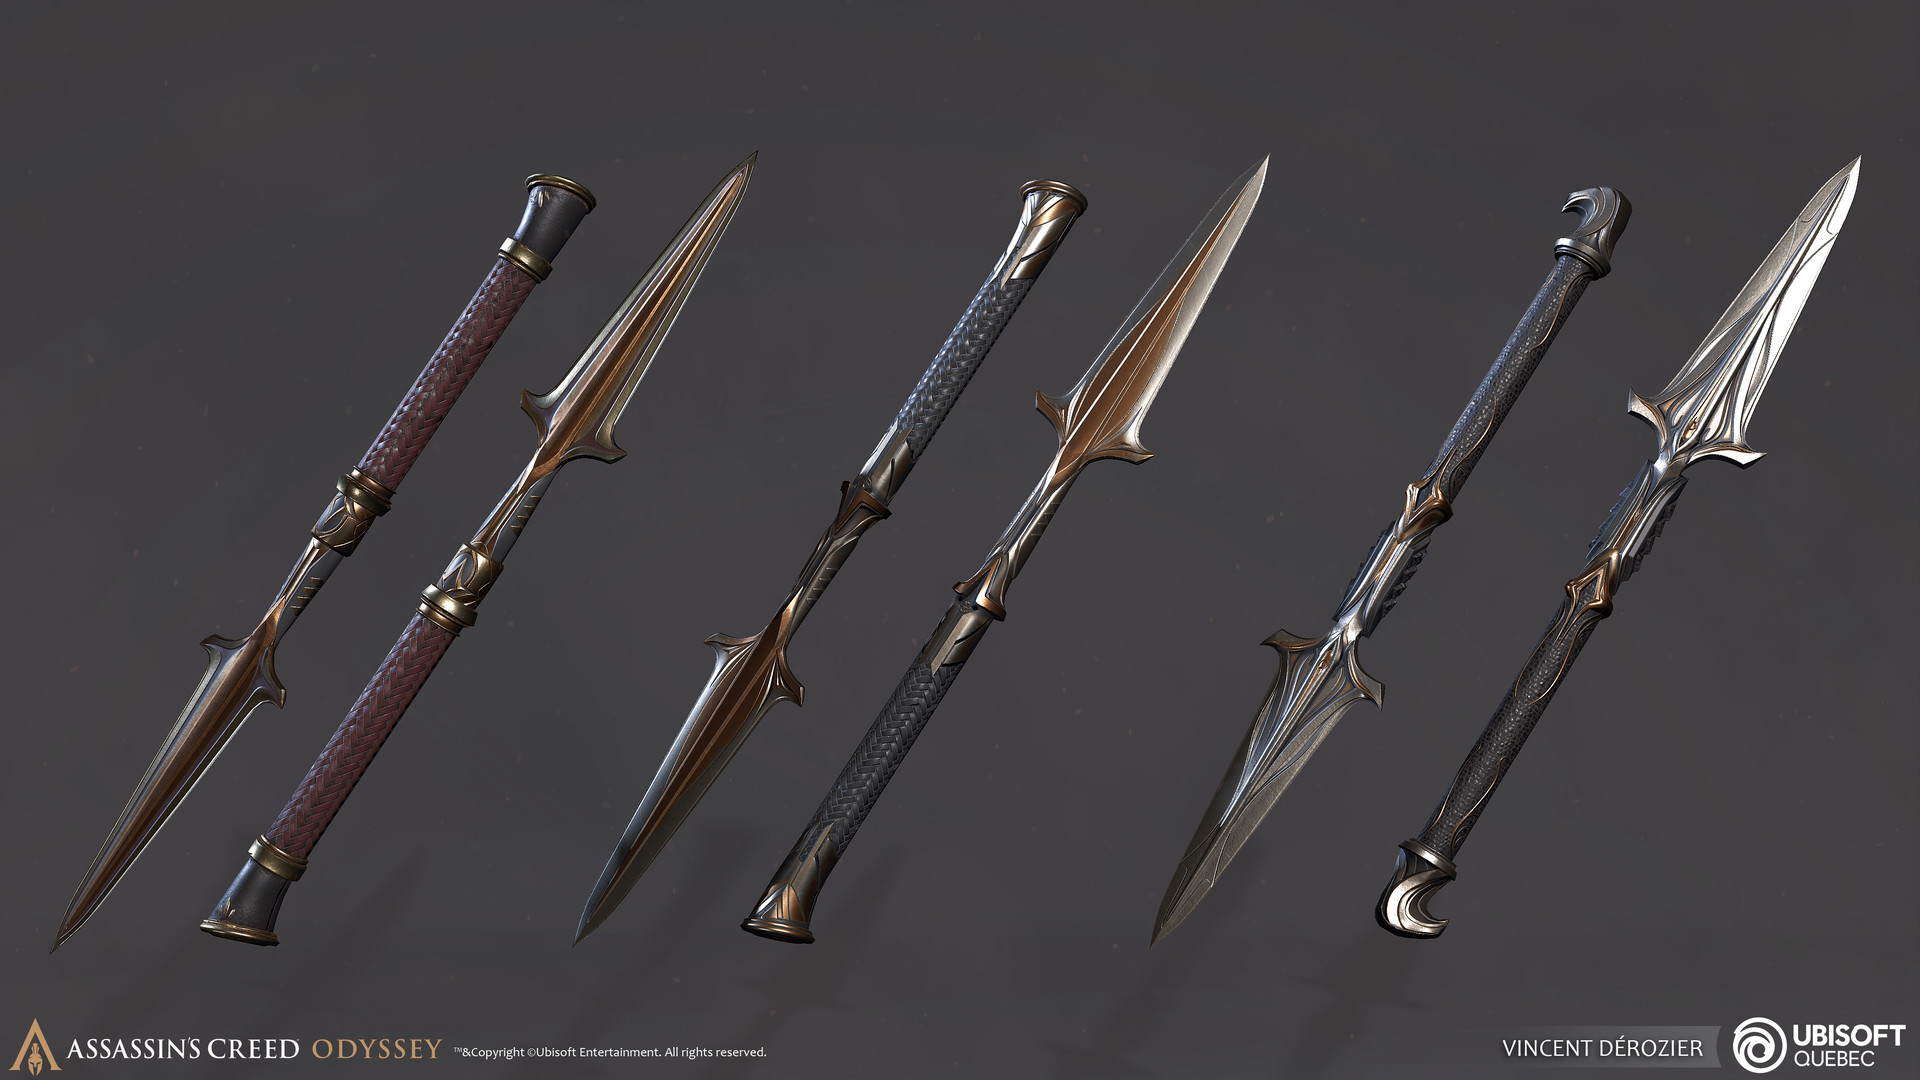 Vincent derozier props spears 2